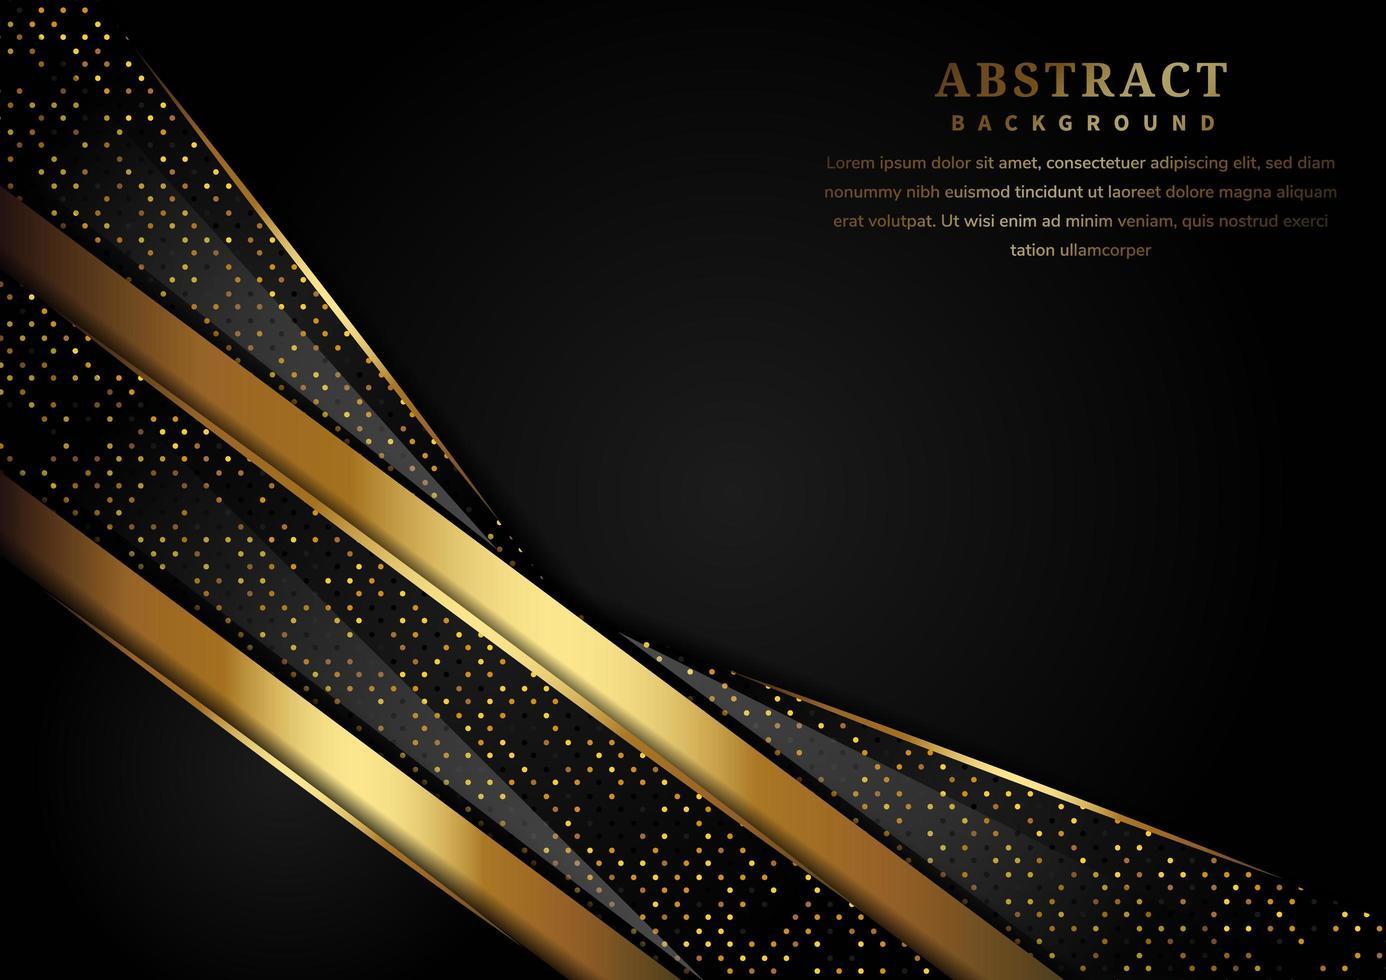 abstracte luxe overlappende goud en zwart glinsterende lagen achtergrond vector